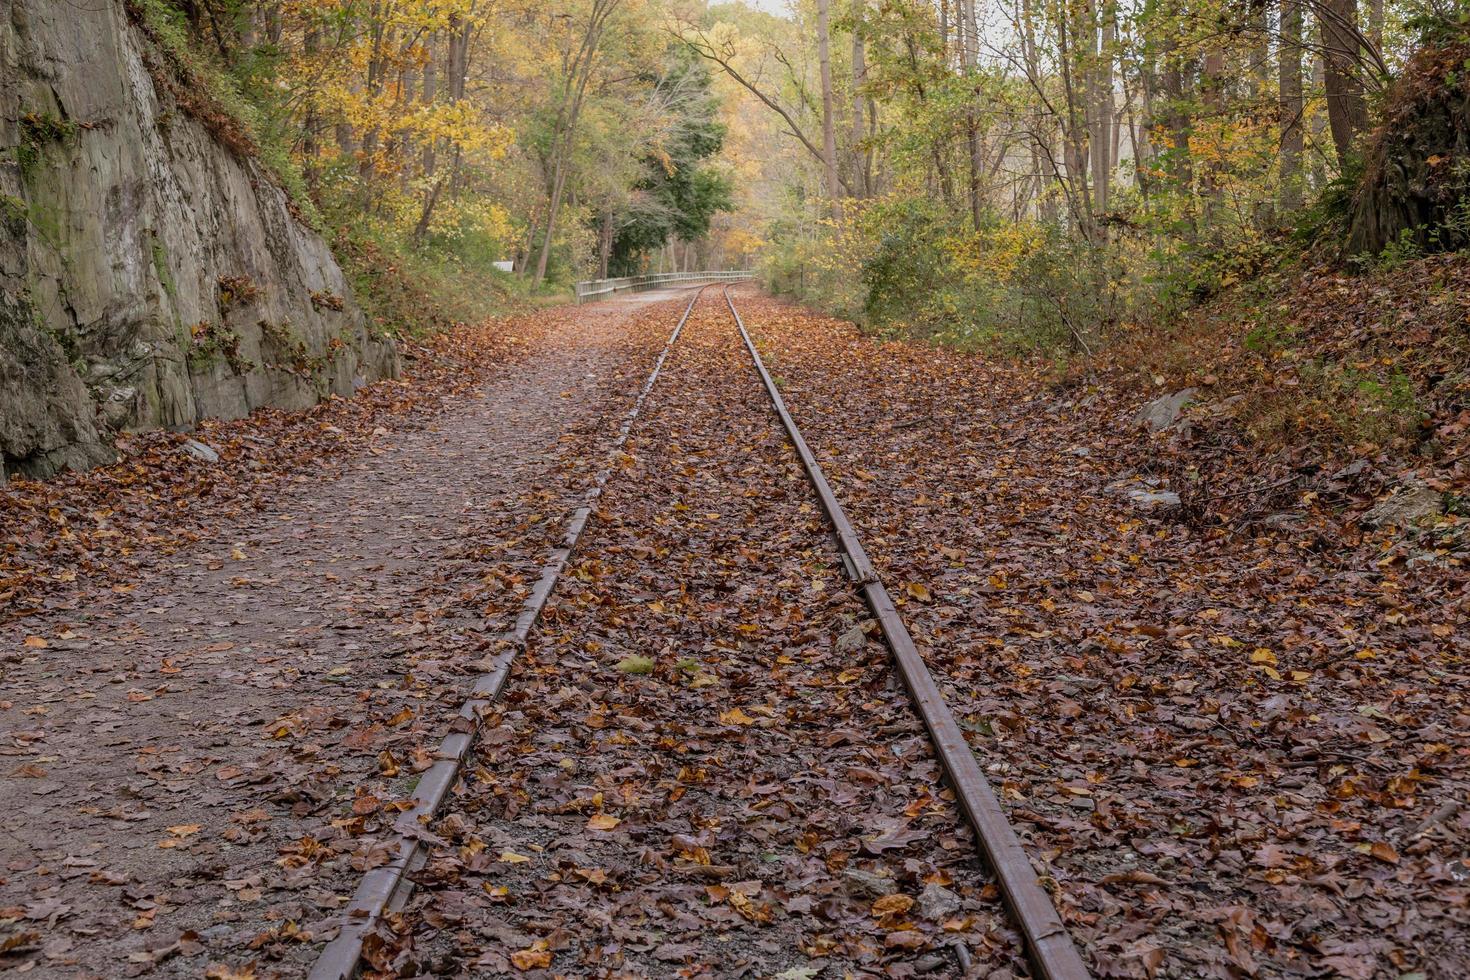 voies ferrées coved avec des feuilles mortes photo